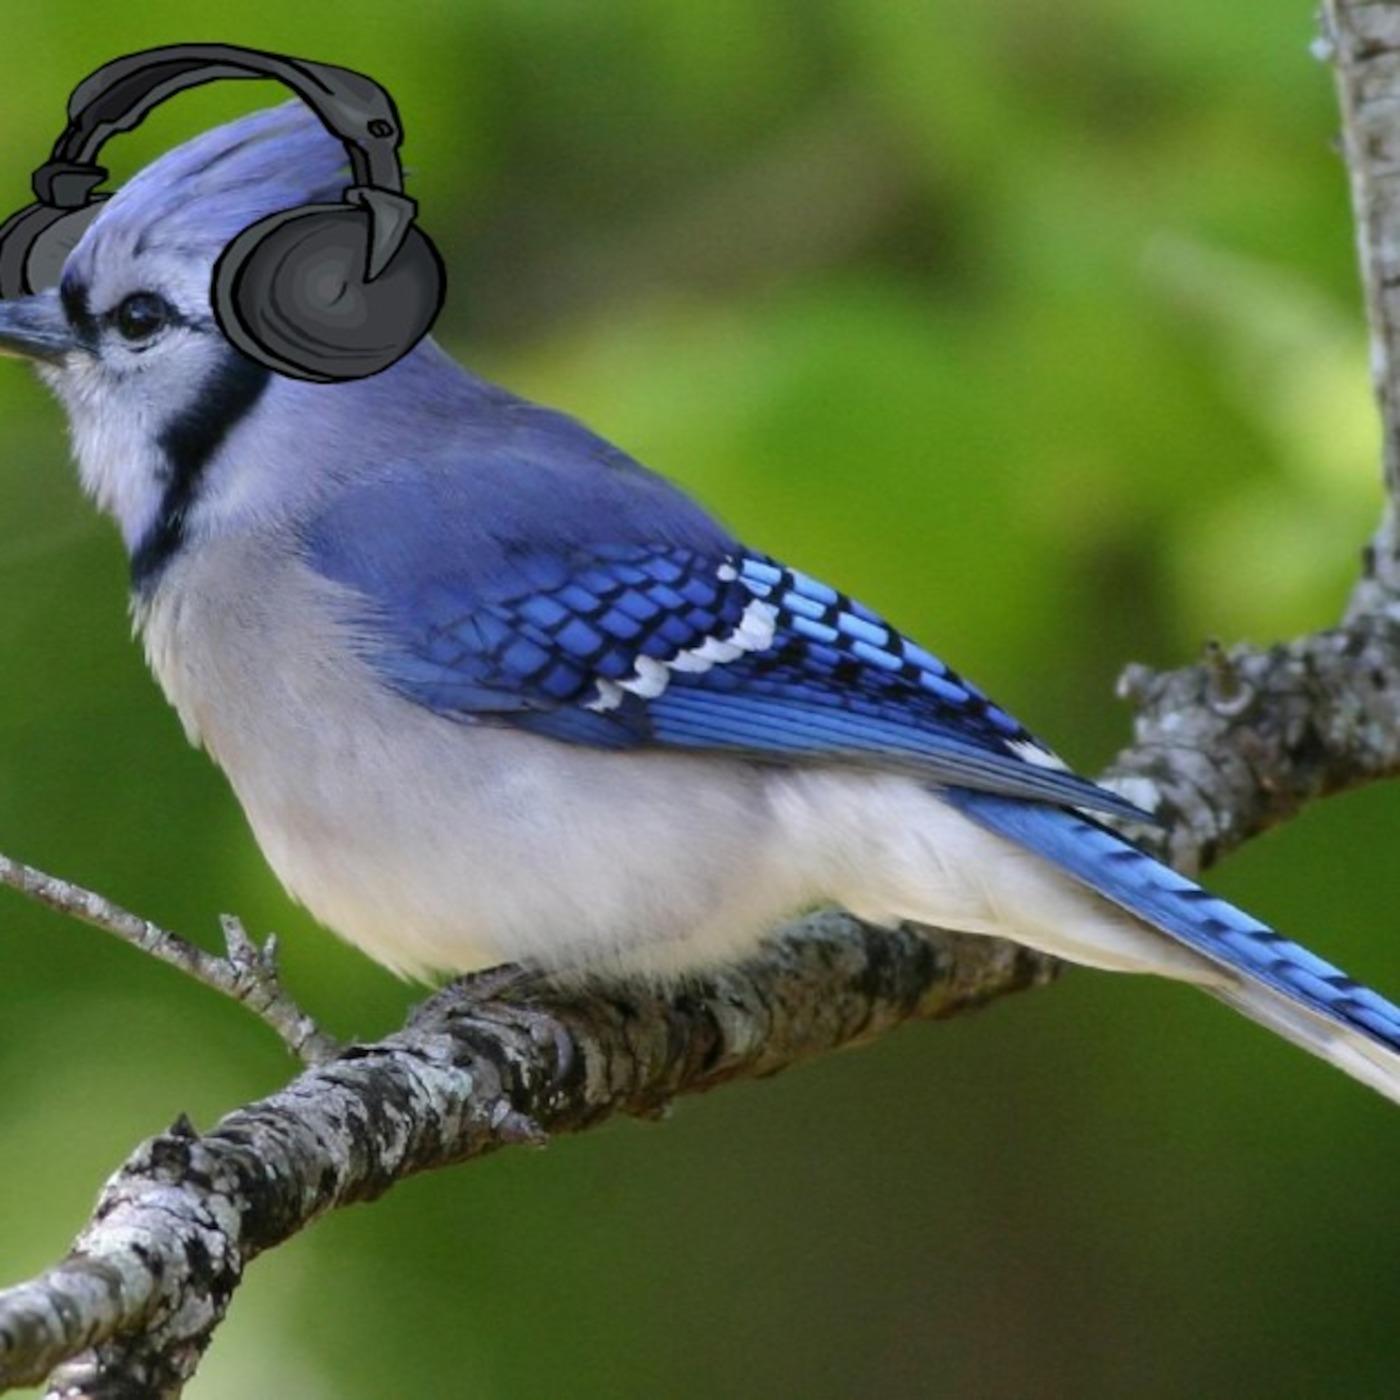 E5 Podcast's Podcast